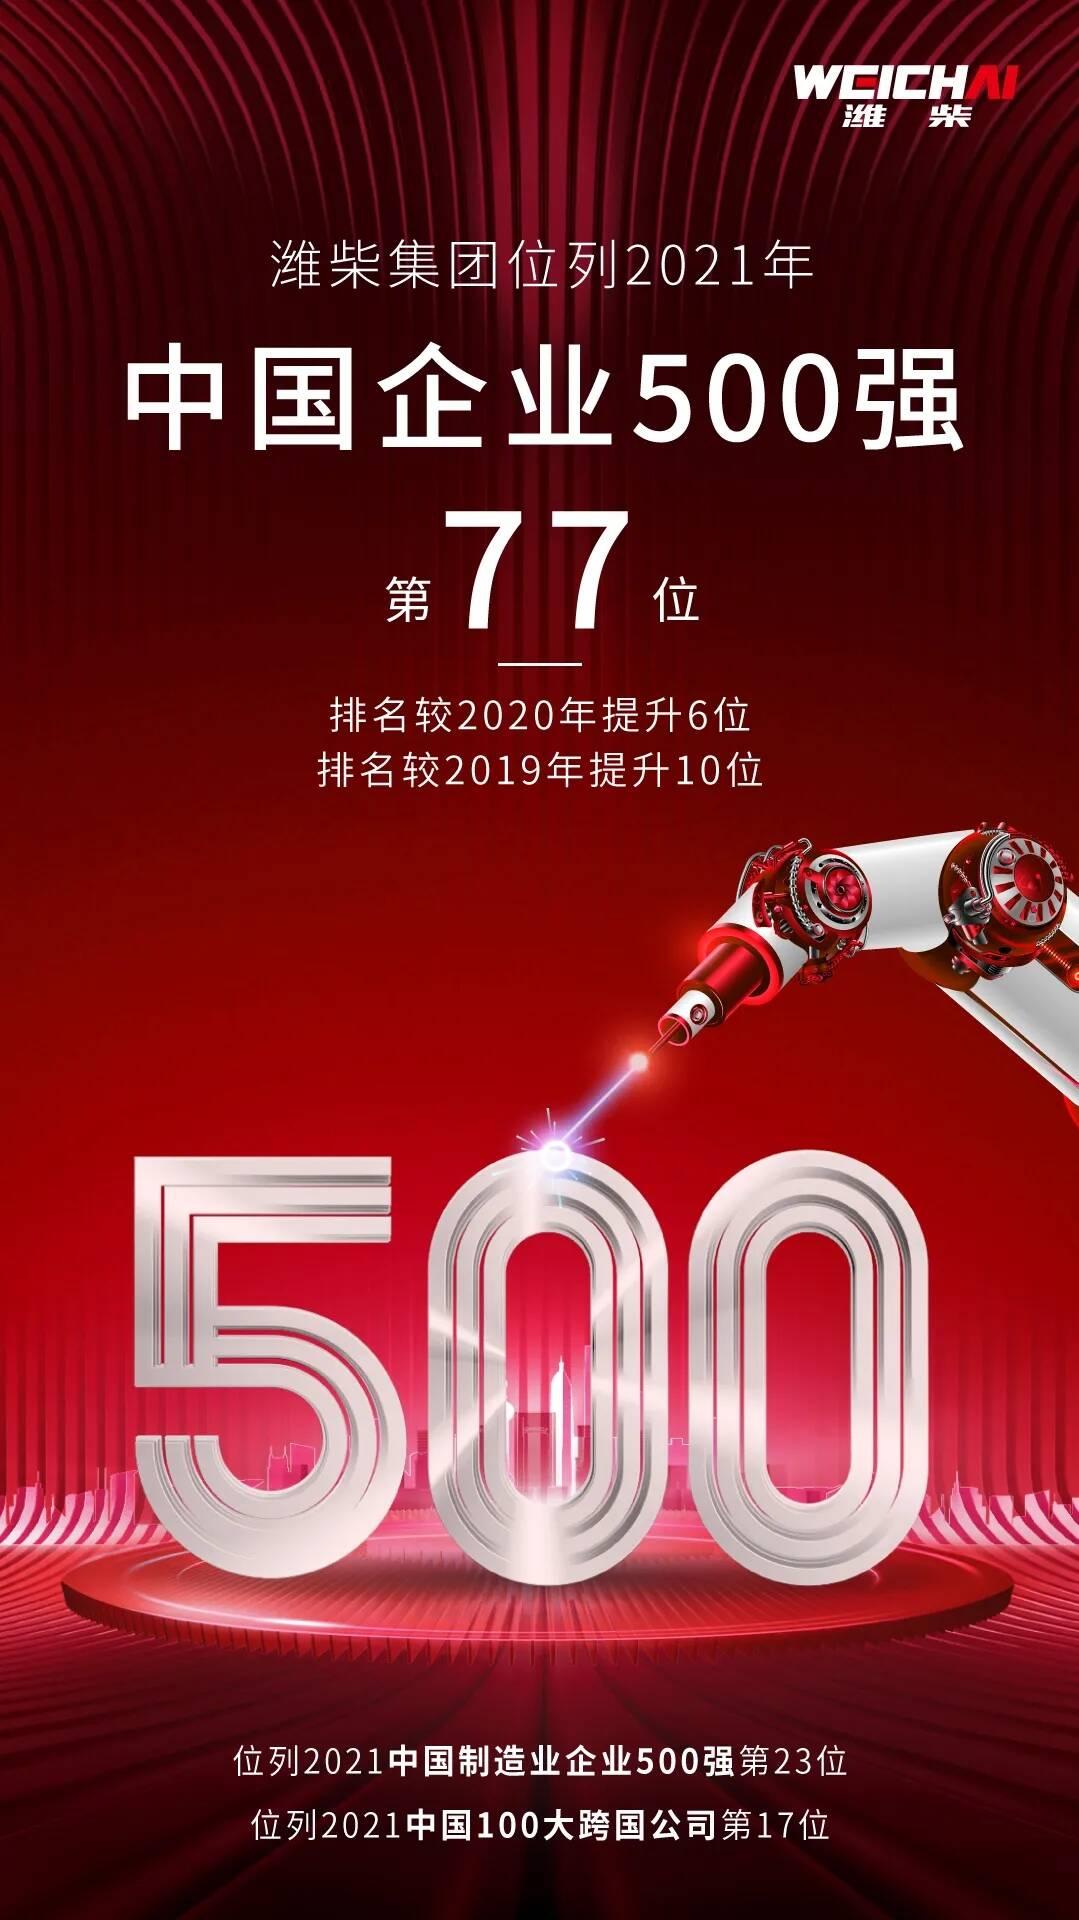 持续上升!潍柴集团位列2021中国企业500强第77位!